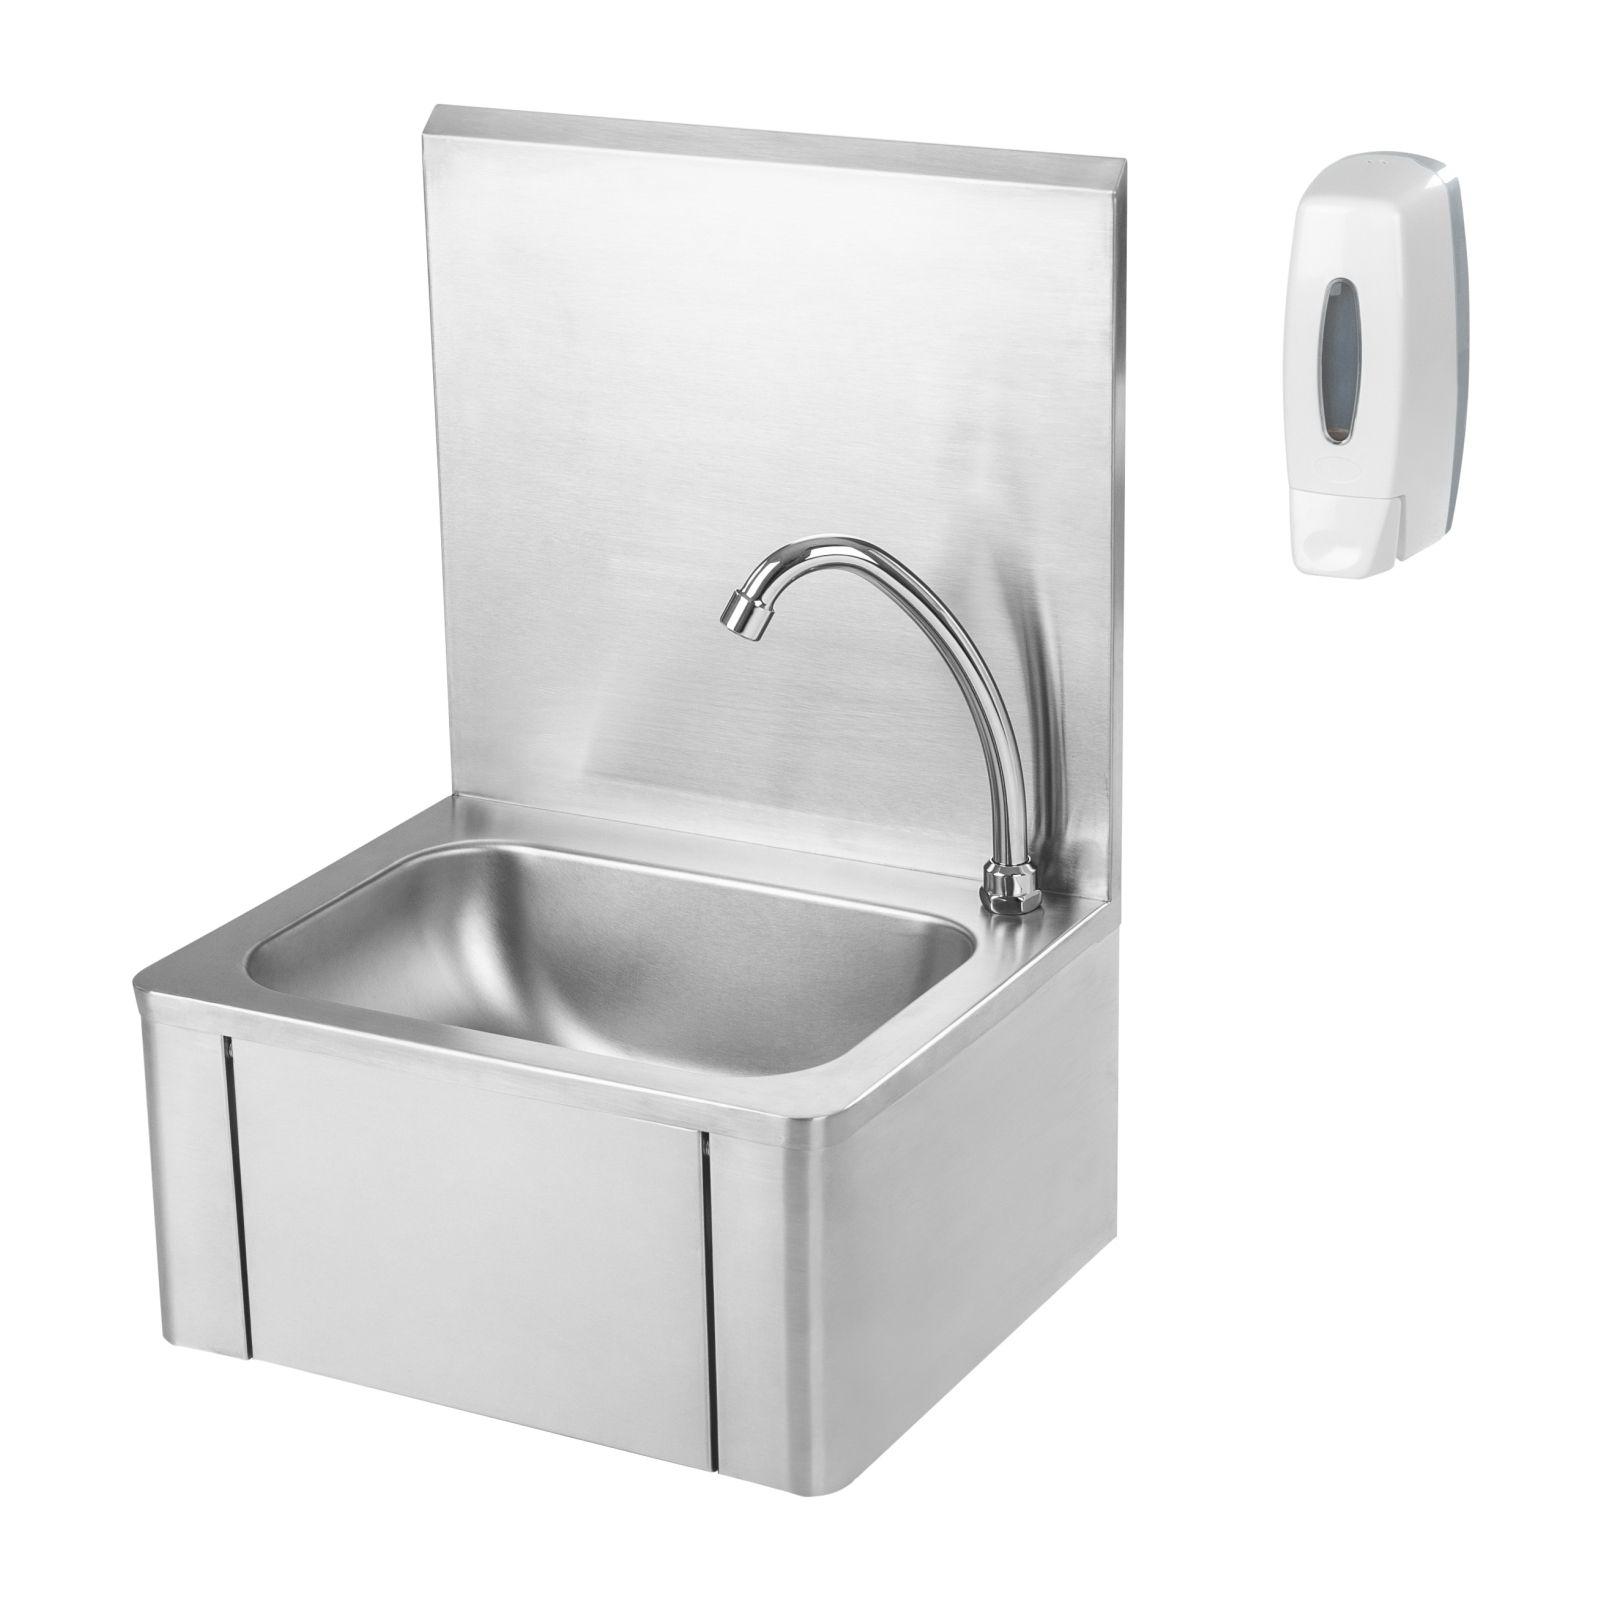 Knie Kontakt Handwaschbecken Mit Seifenspender